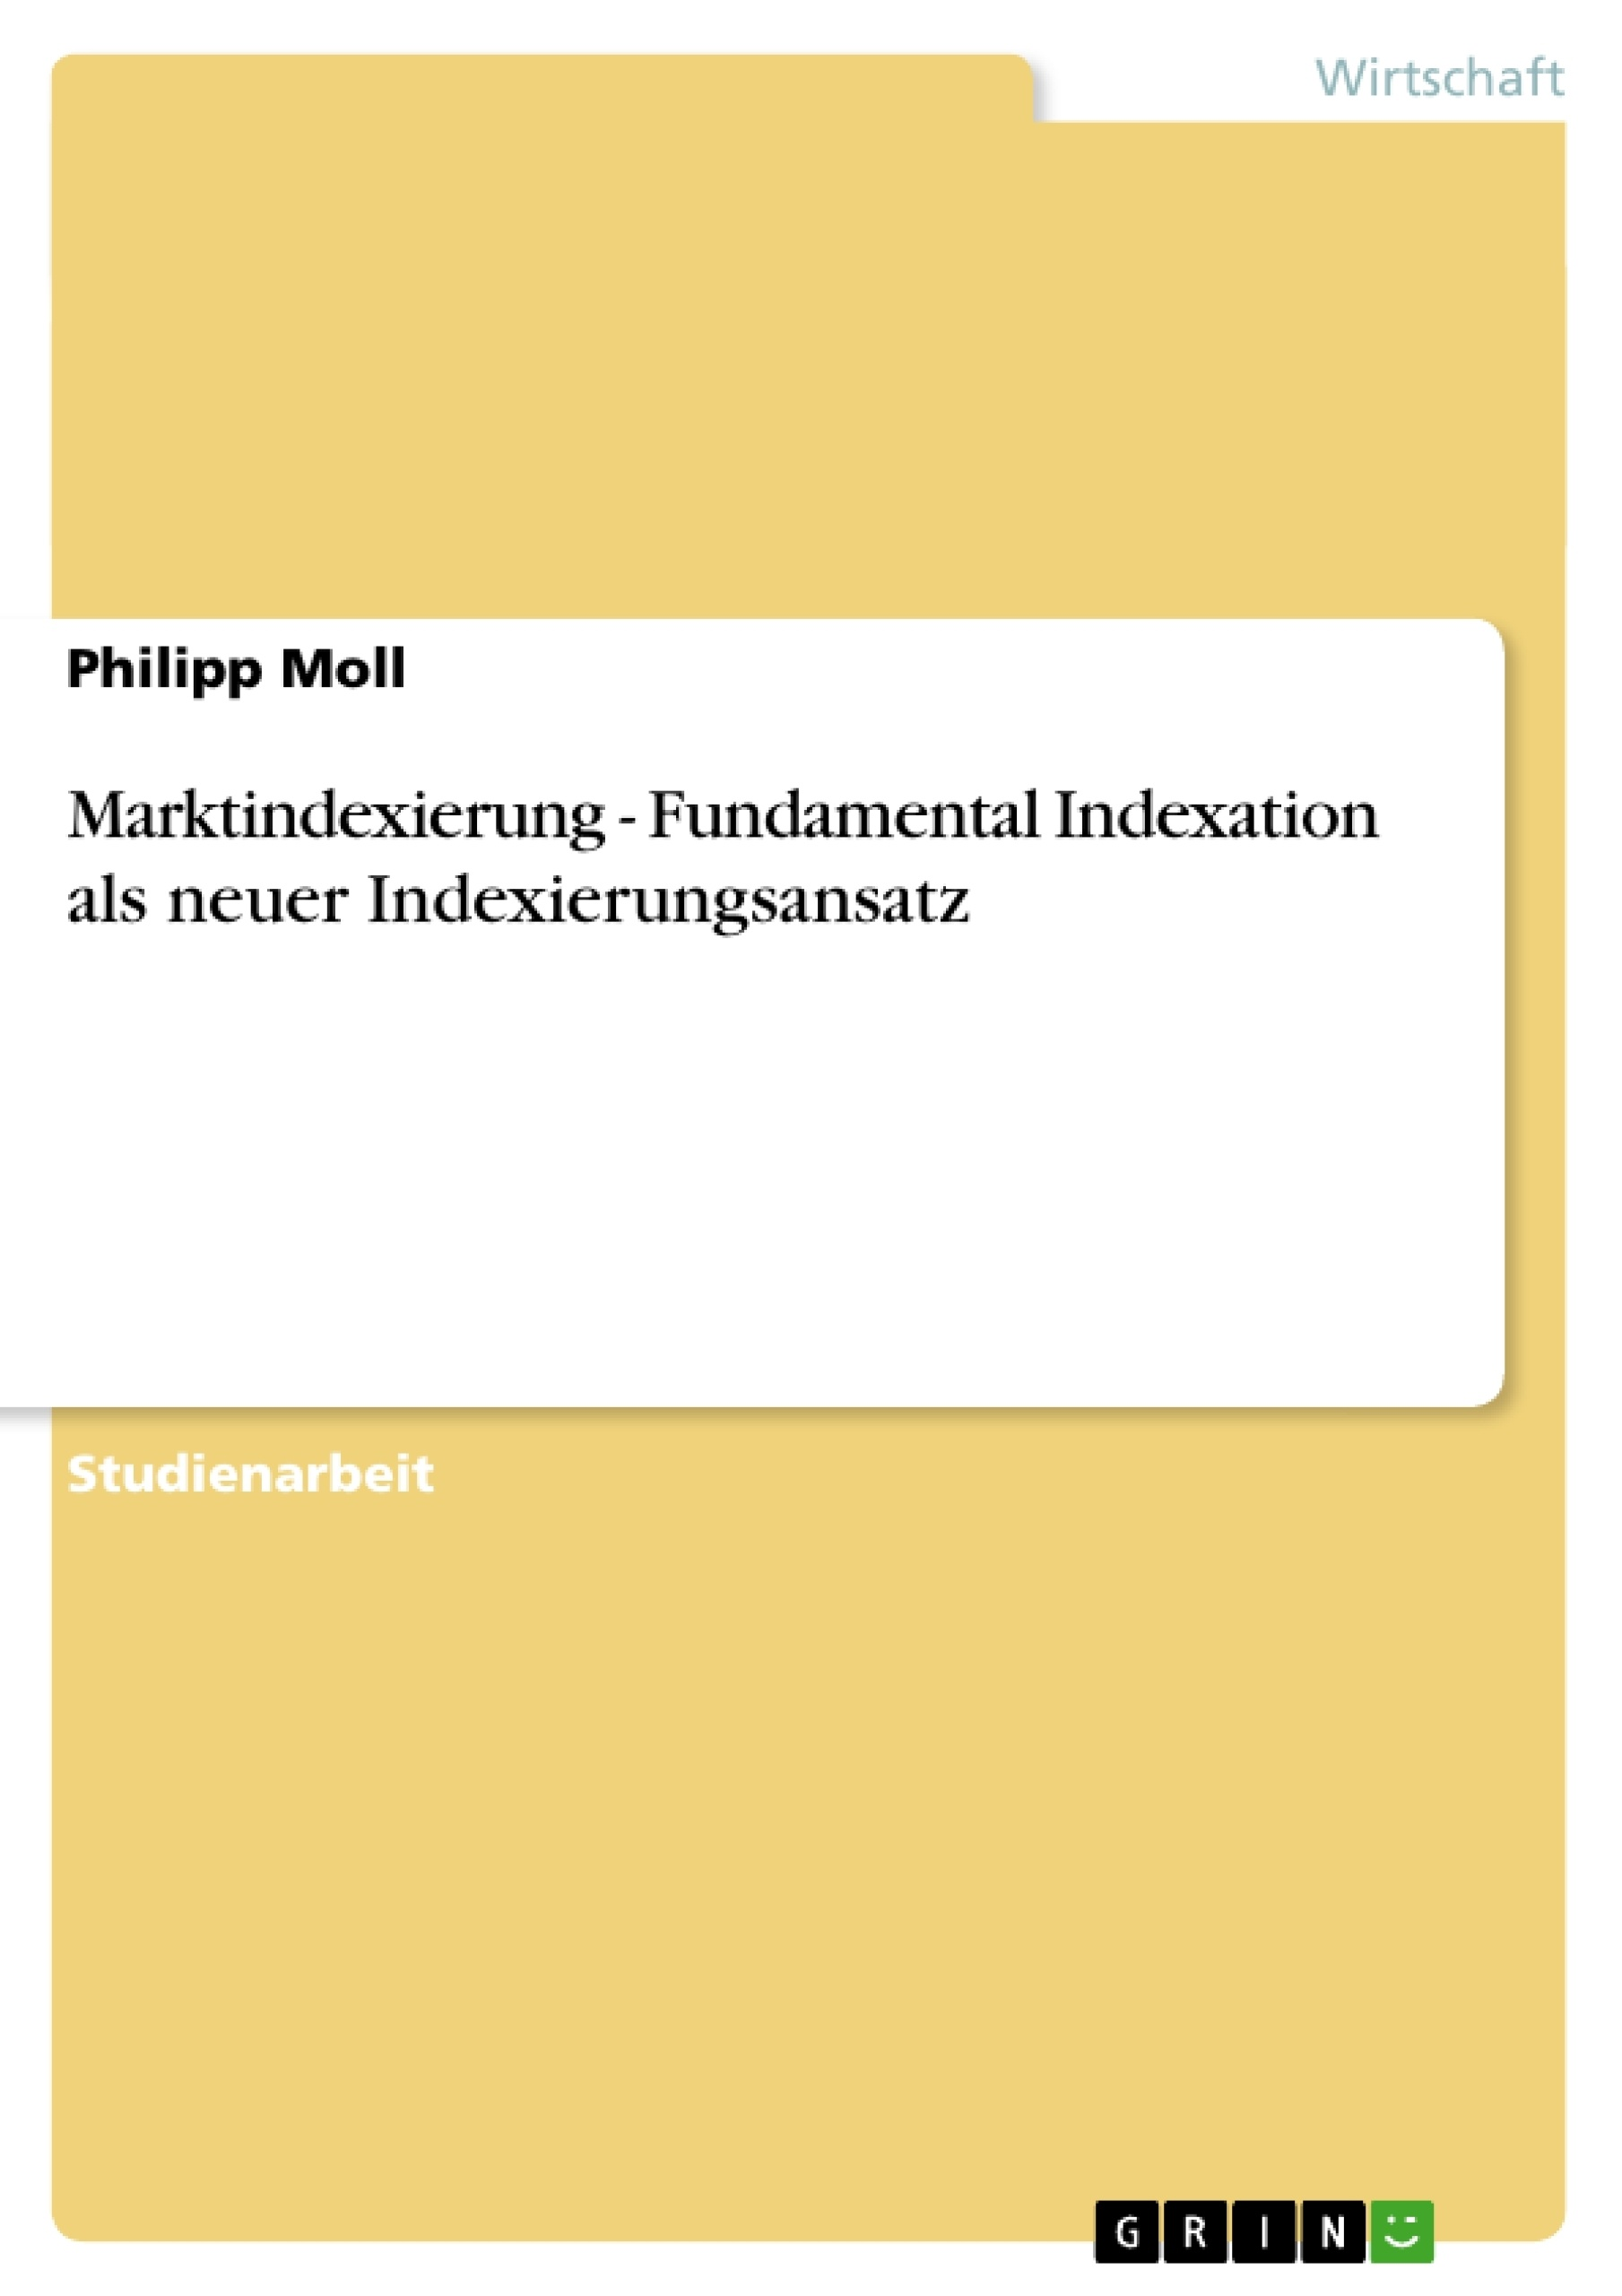 Titel: Marktindexierung - Fundamental Indexation als neuer Indexierungsansatz